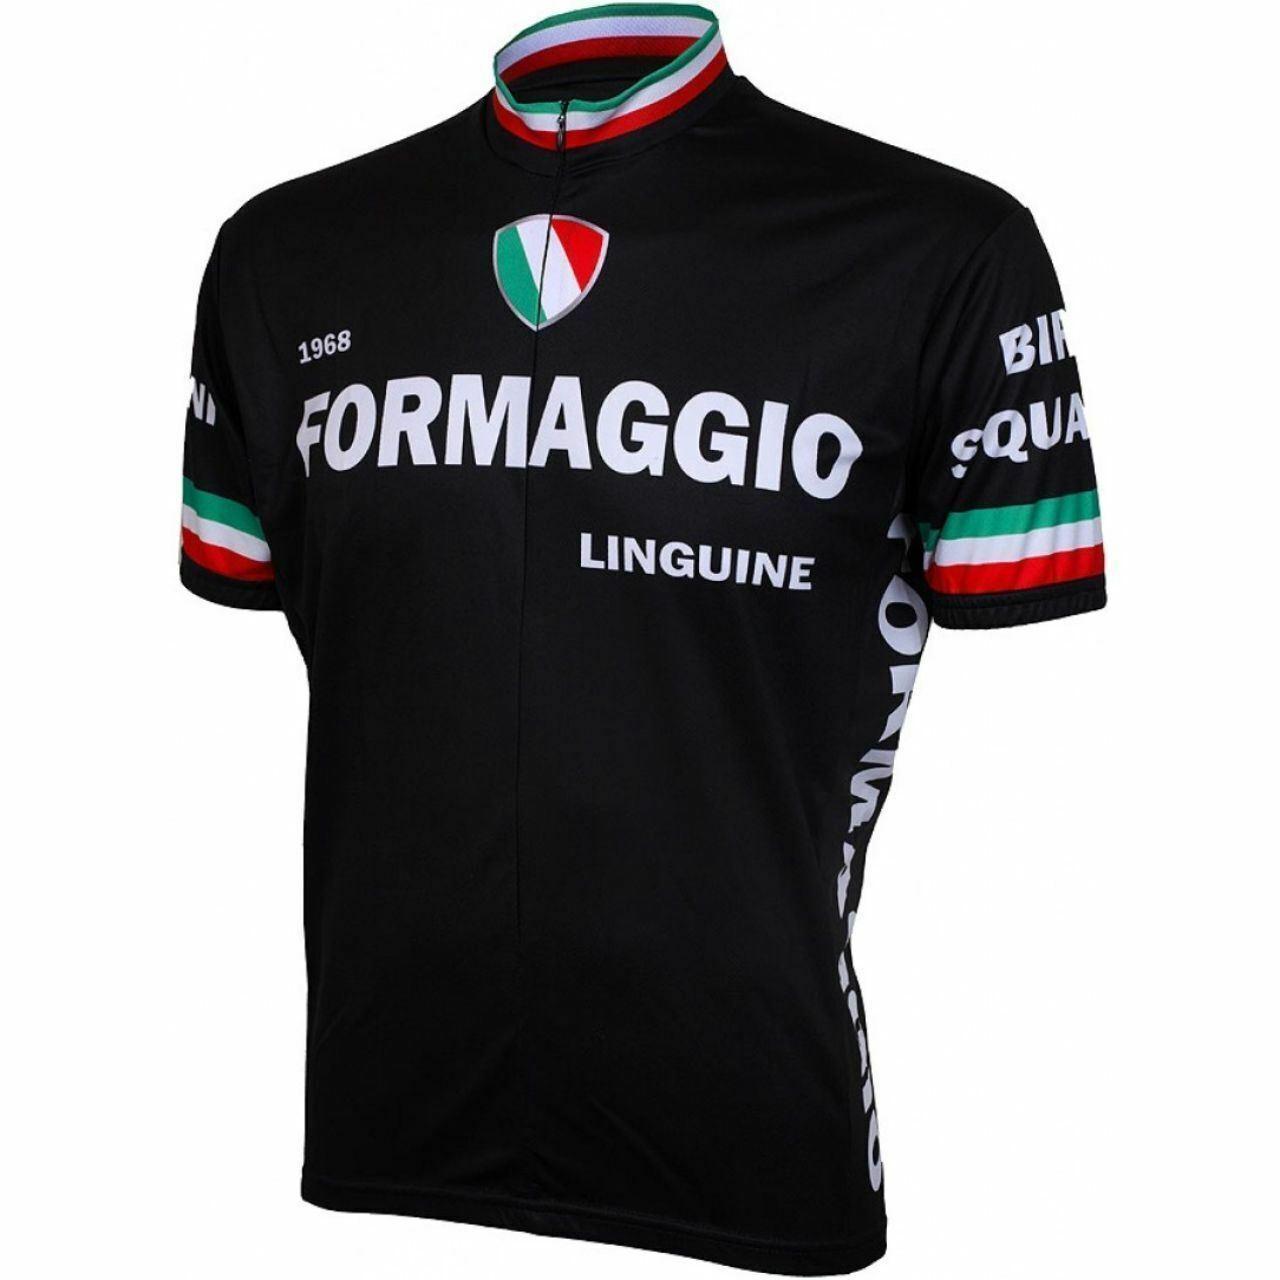 Formaggio 1968 Retro Short sleeve 19 zip uomo cycling jersey